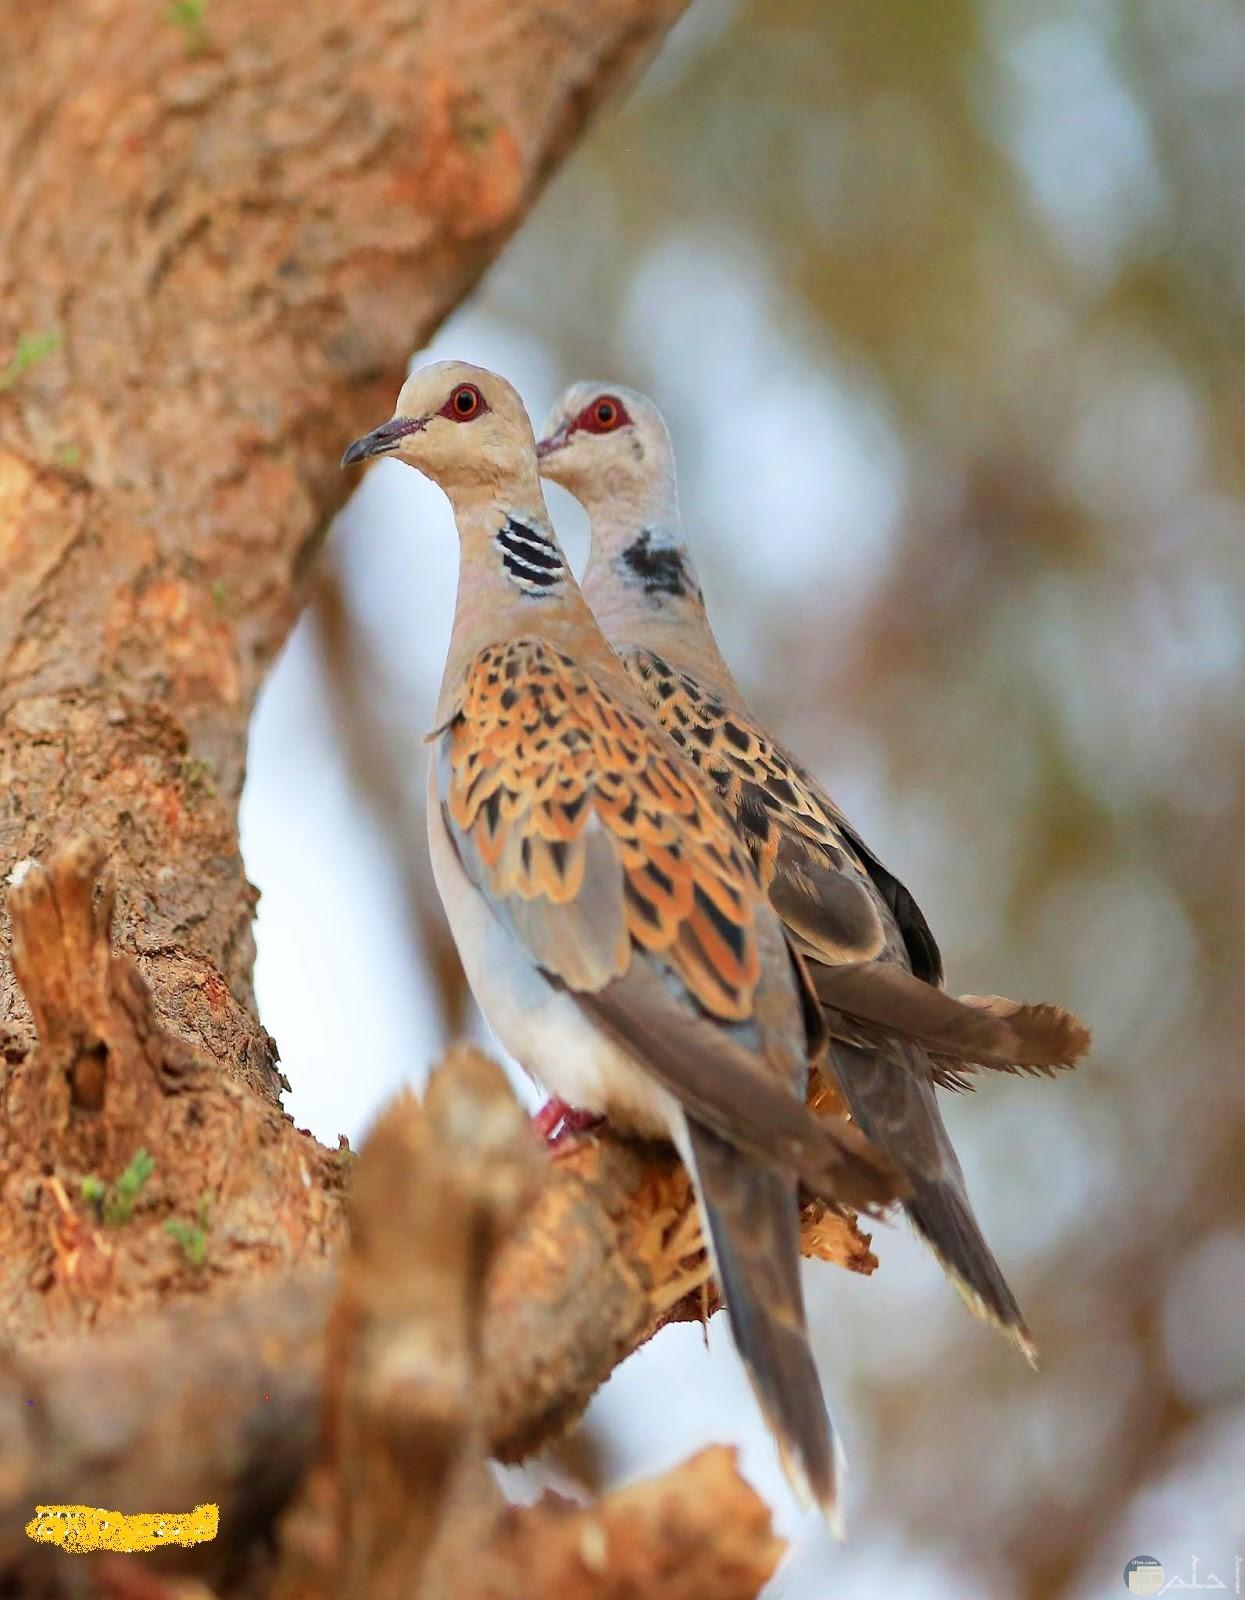 زوج من طيور القماري على غصن شجرة.